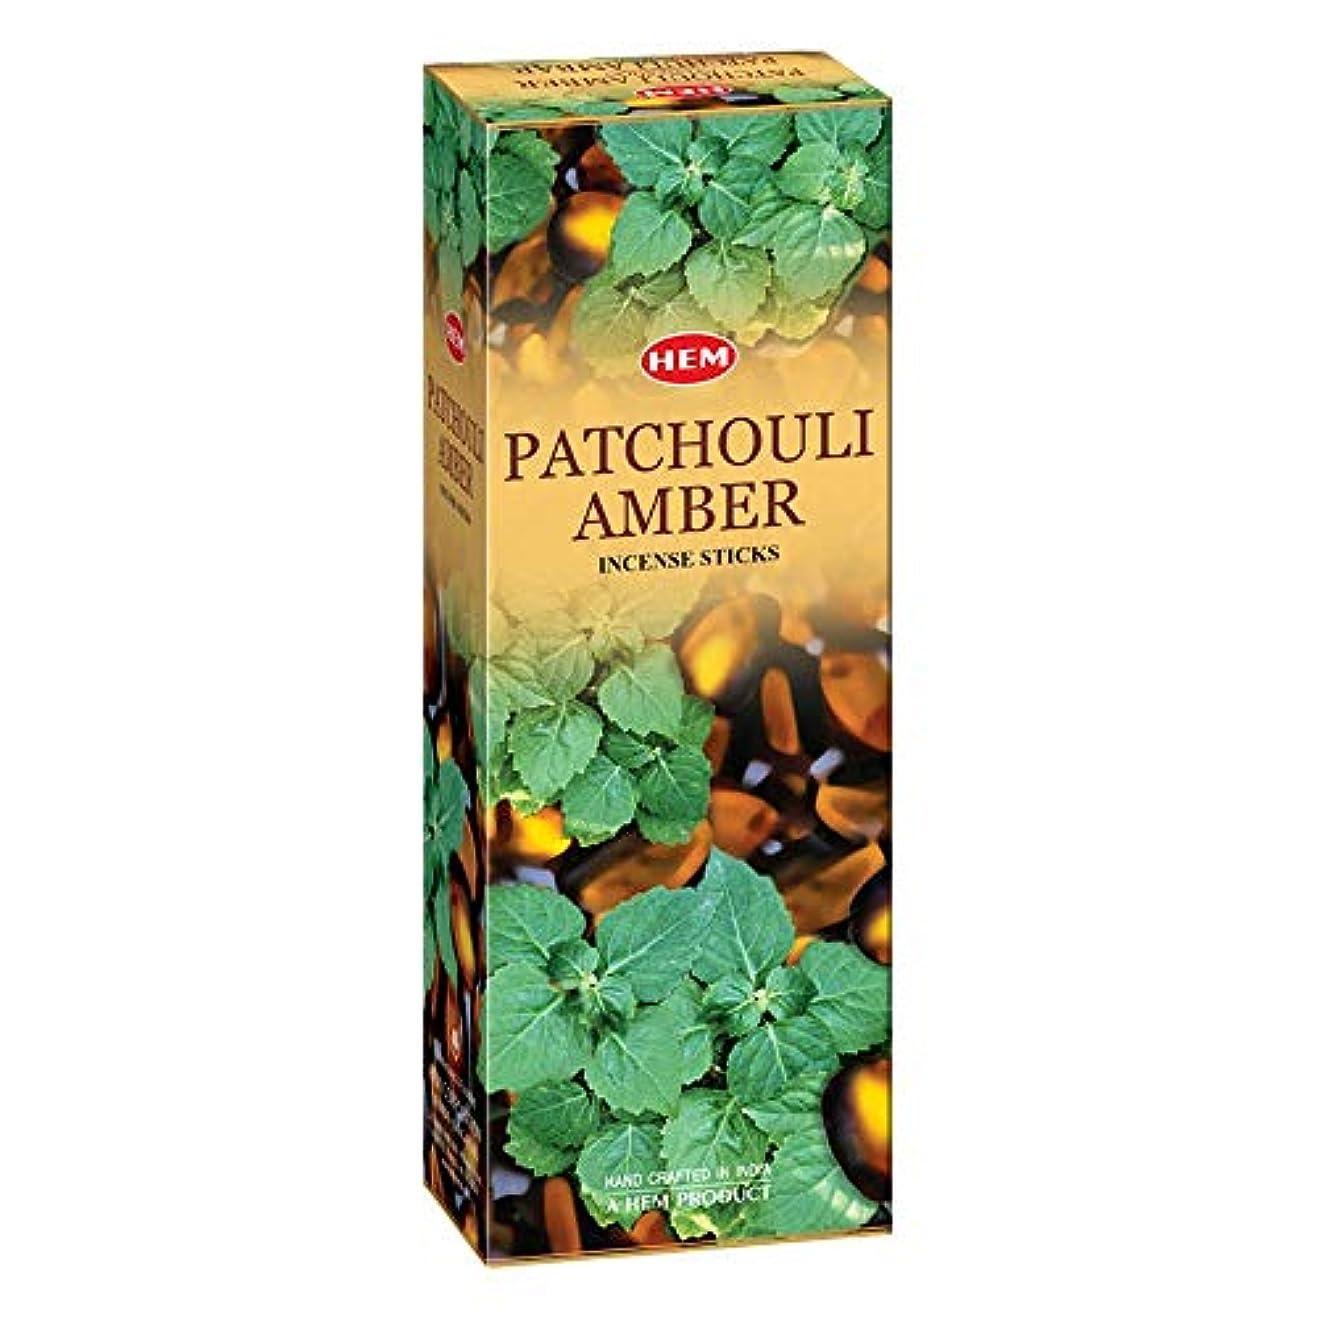 飛行機ニックネーム三Hem Patchouli Amber Incense Sticks(9.3 cm X 6.0 cm X 25.5cm, Black)